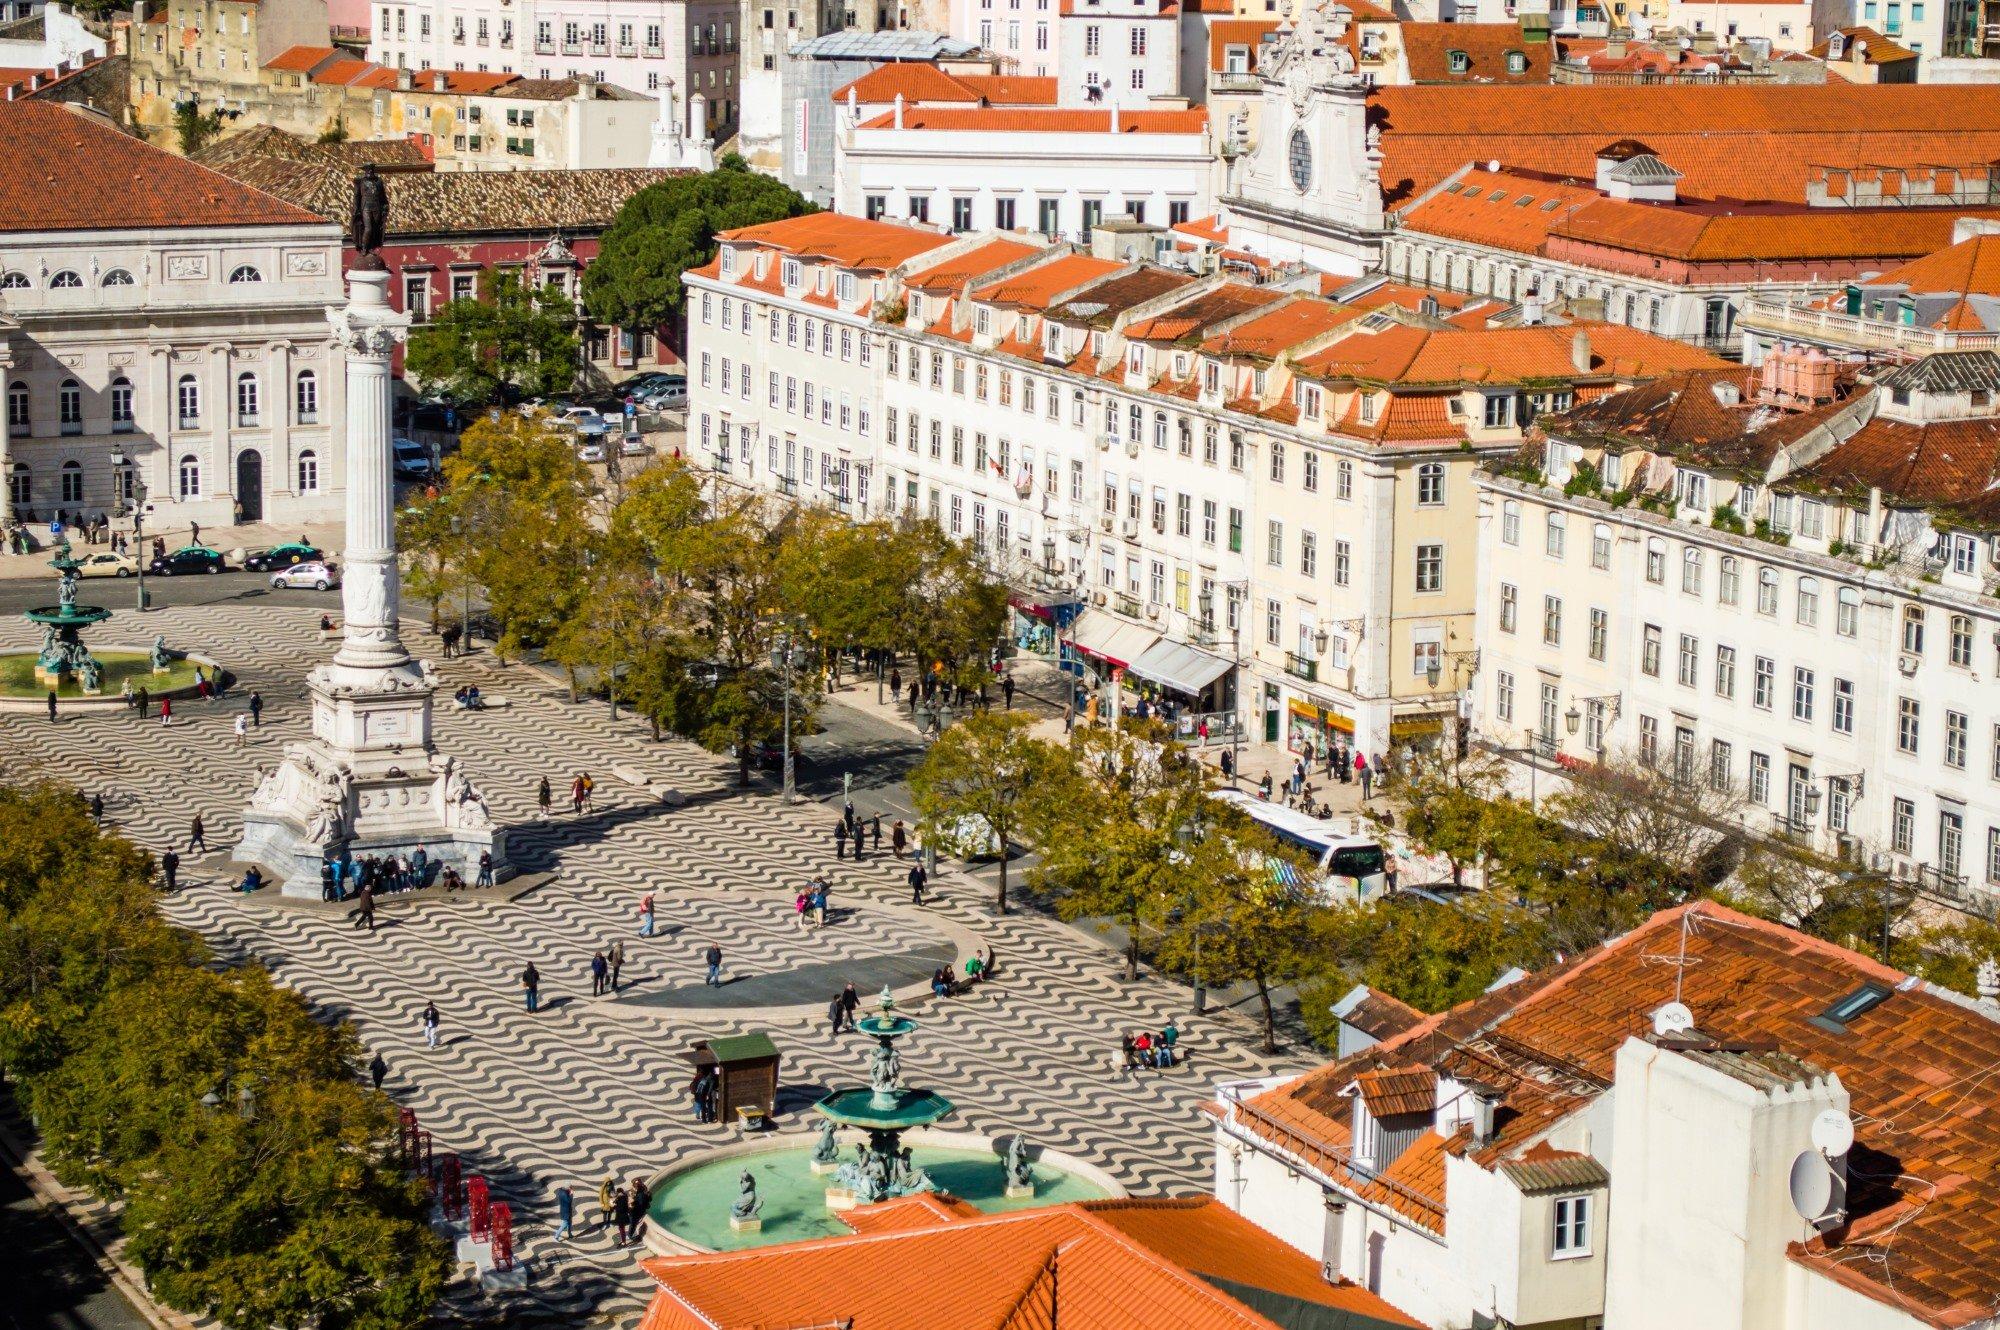 le centre ville de lisbonne portugal desti nations. Black Bedroom Furniture Sets. Home Design Ideas